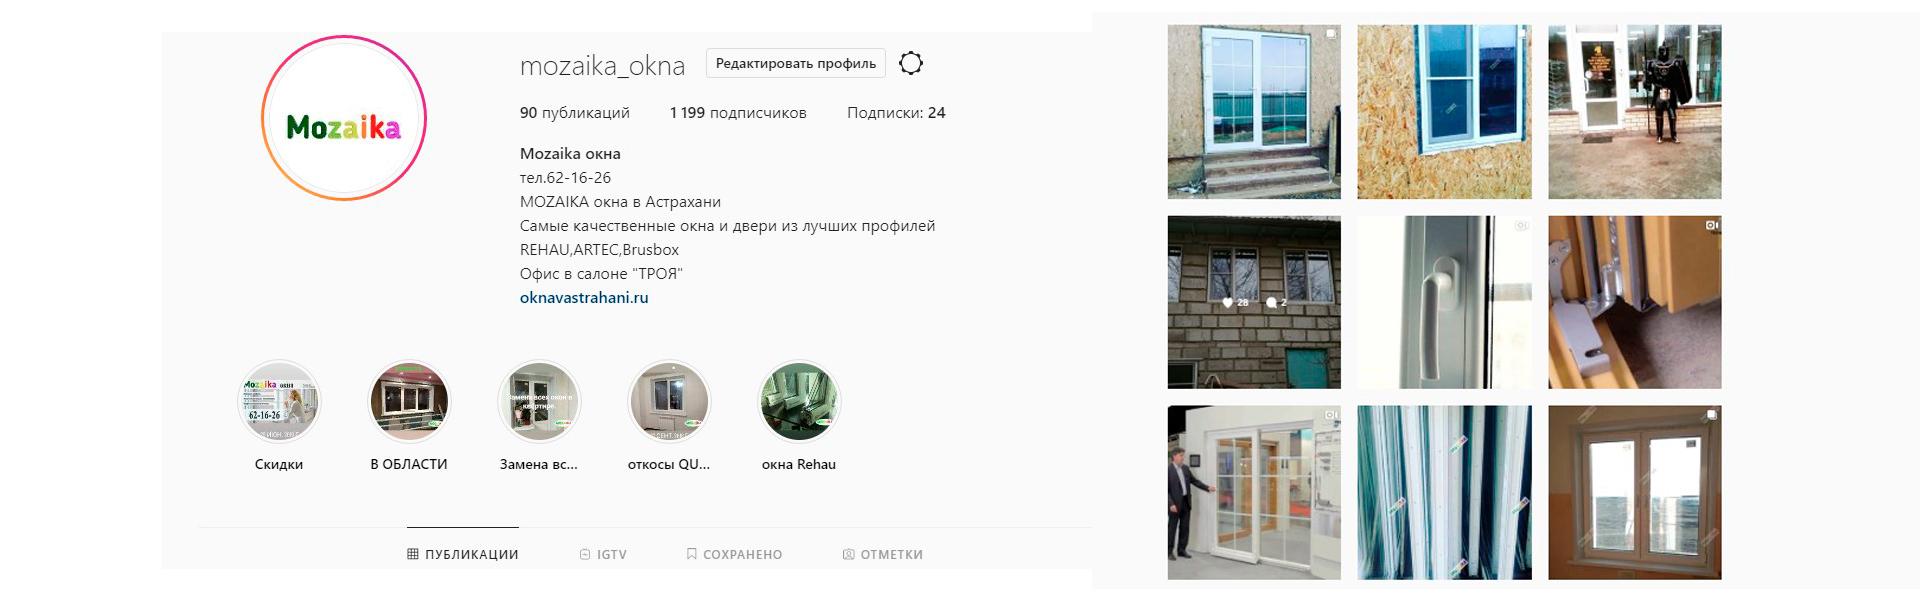 инстаграм mozaika окна